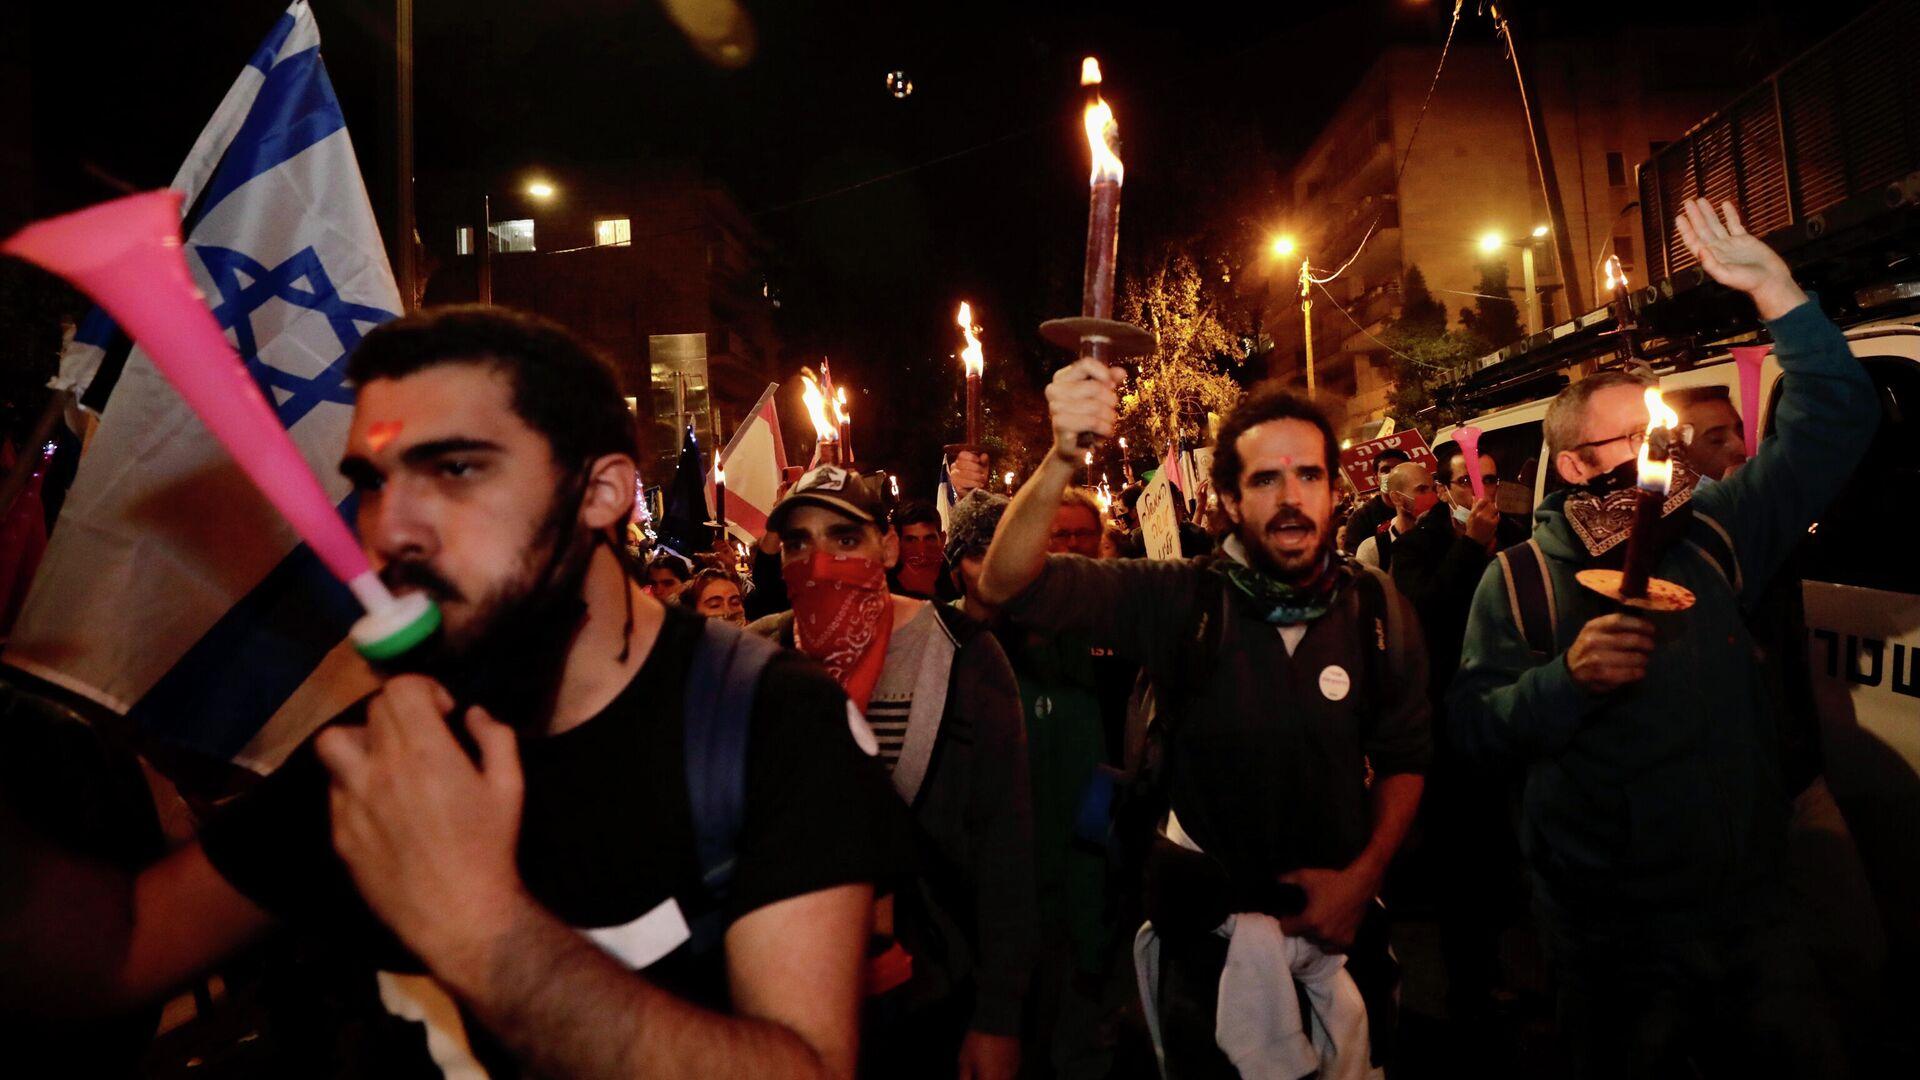 Una protesta antigubernamental en Jerusalén, foto de archivo - Sputnik Mundo, 1920, 20.03.2021